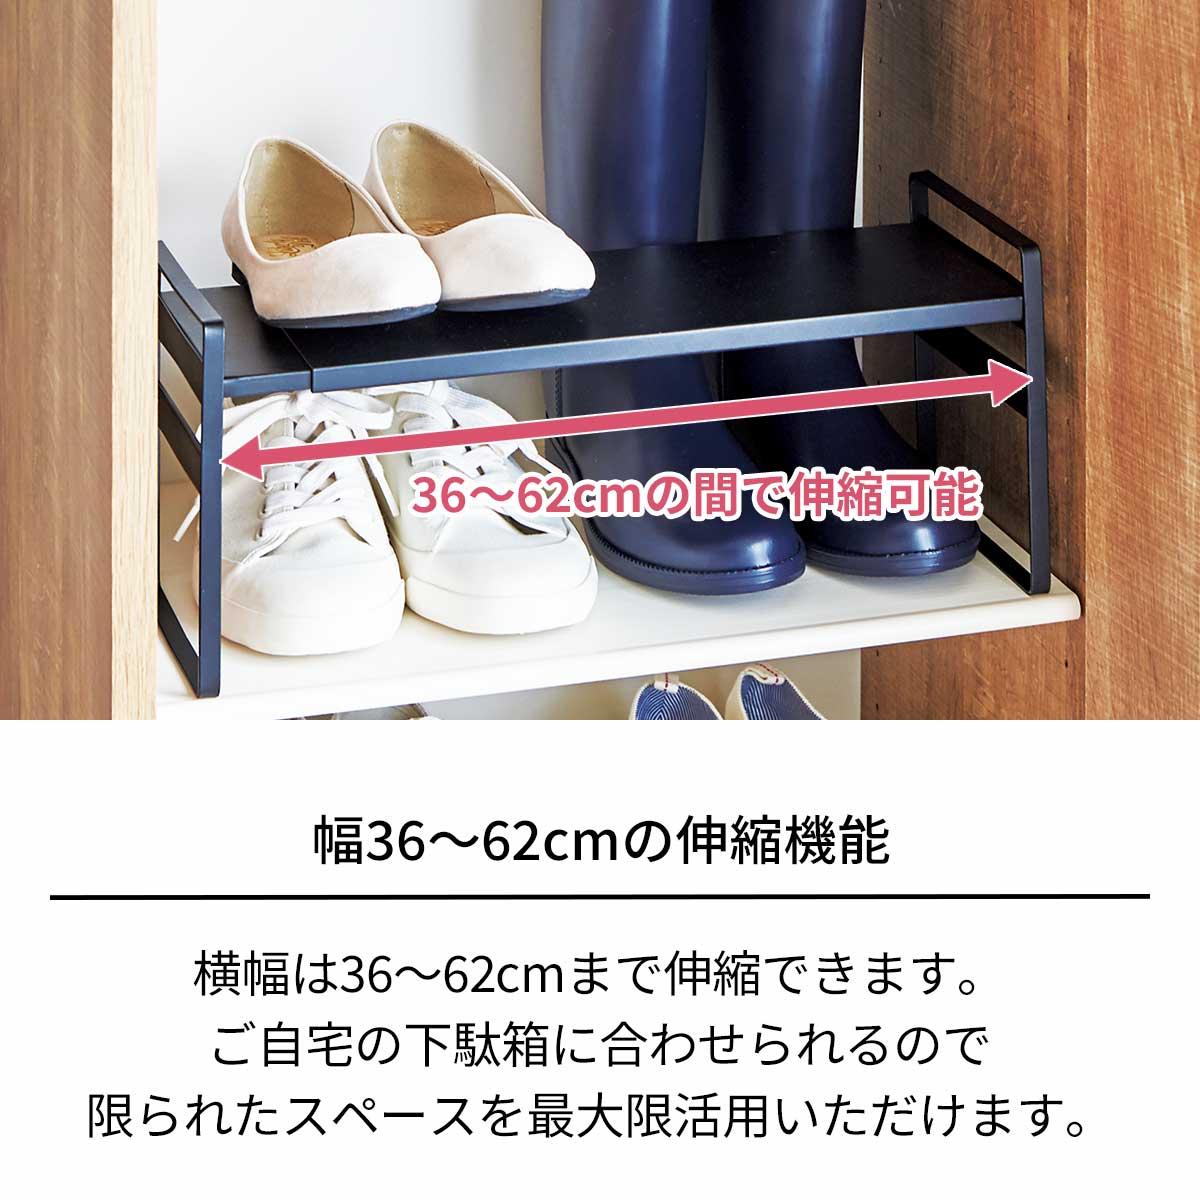 プロフィックス 下駄箱内 伸縮式スタッキングラック 美Styleシリーズ